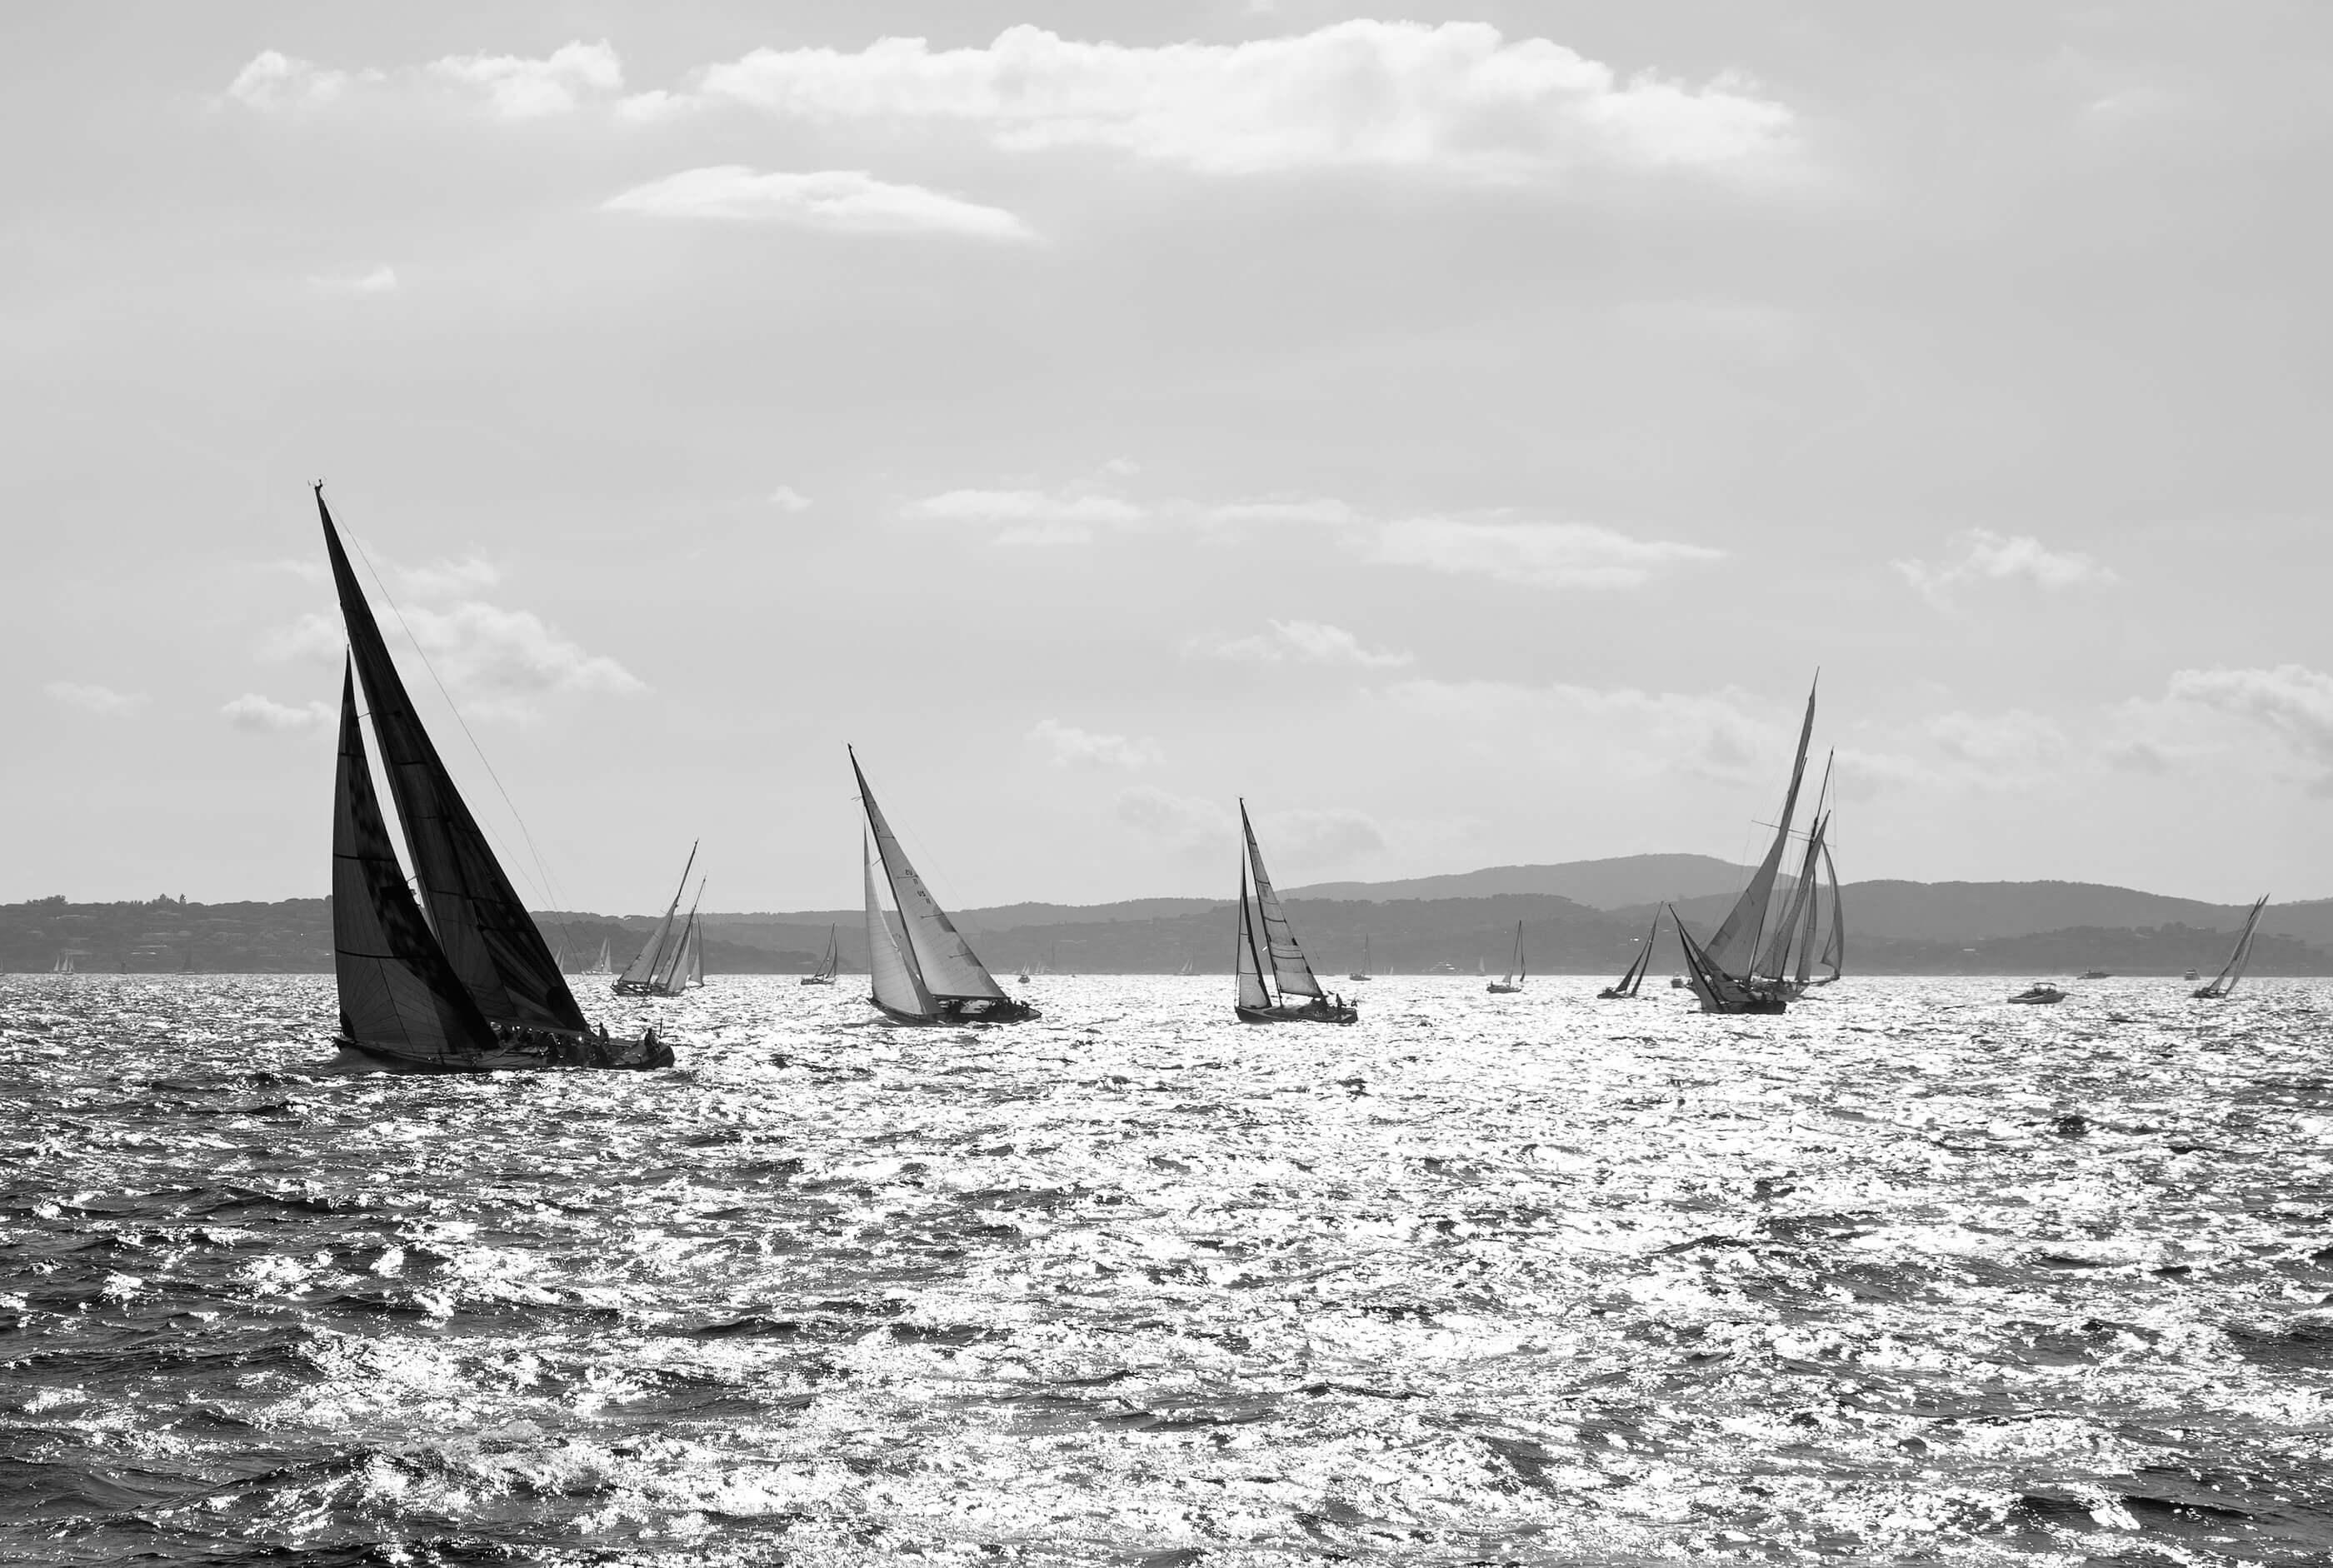 Côte d'Azur: Les Voiles De St. Tropez